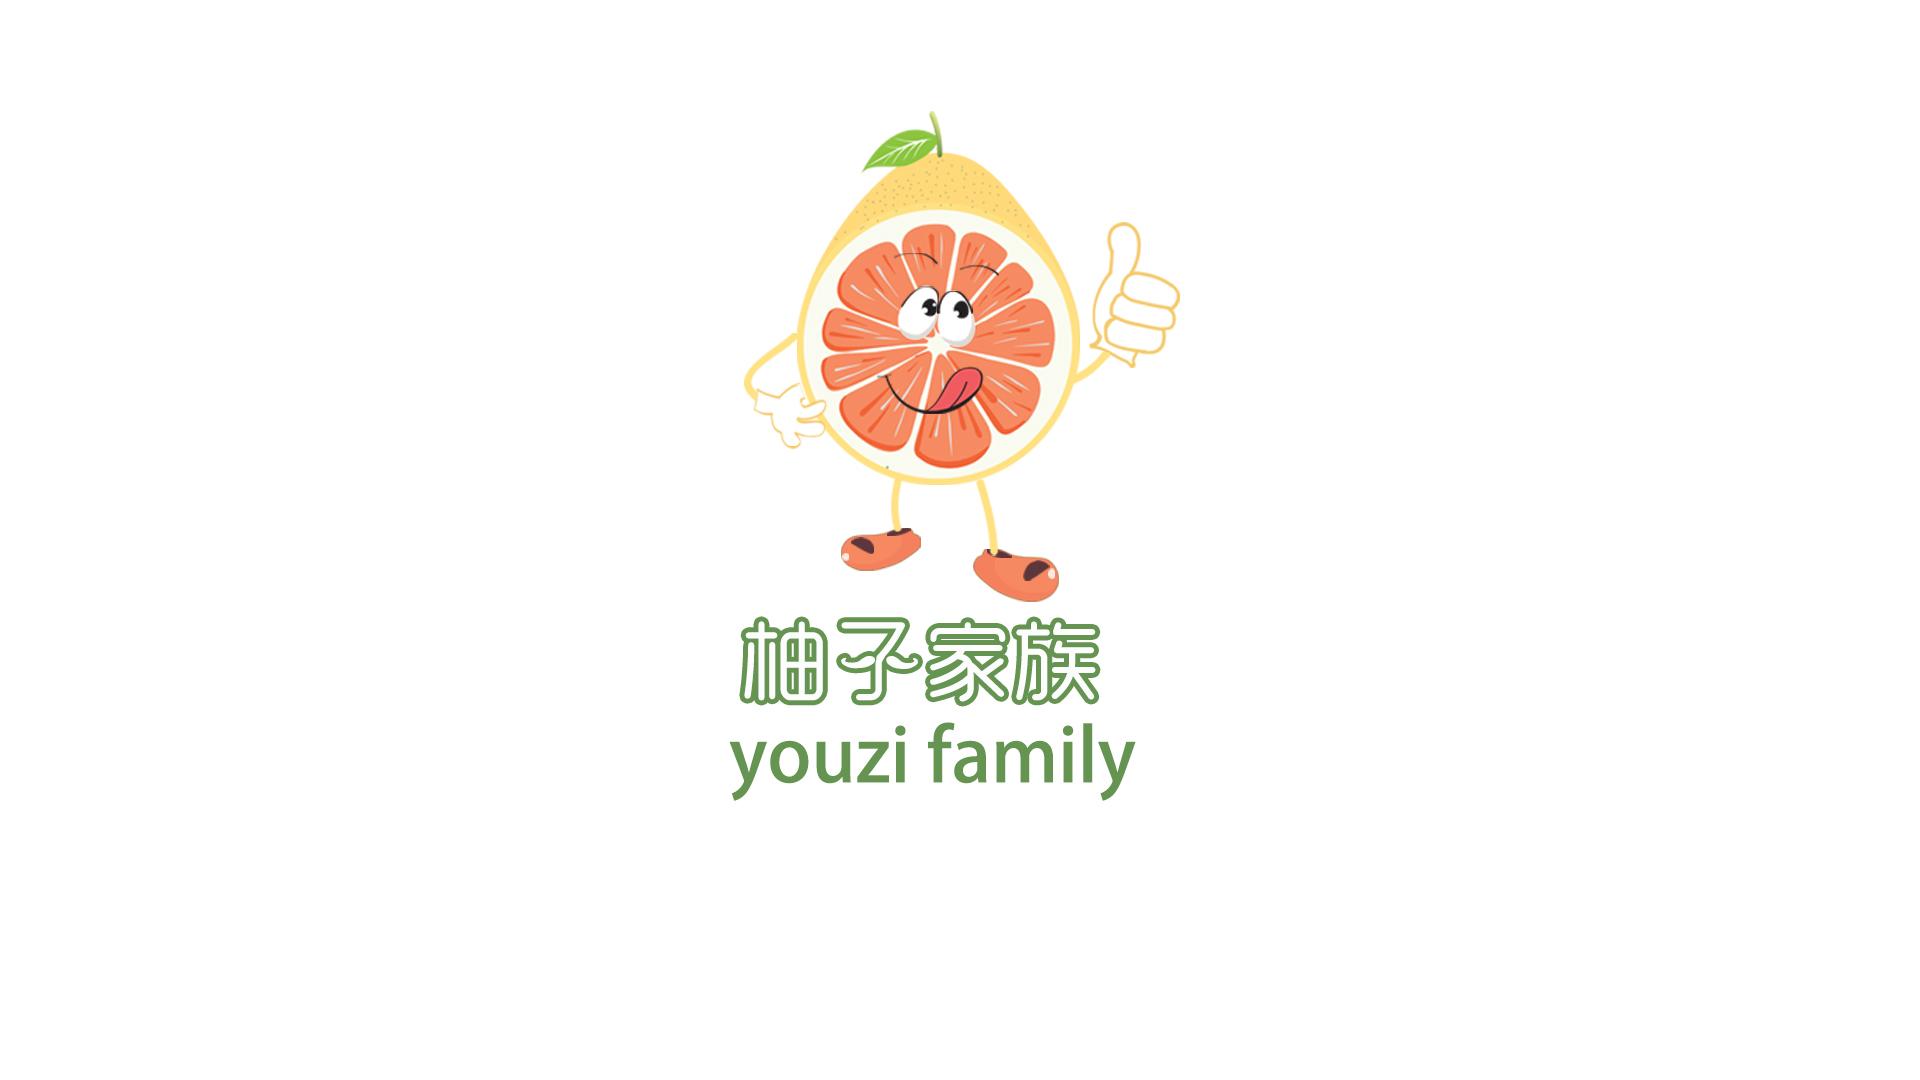 柚子家族logo.jpg(312.90k)